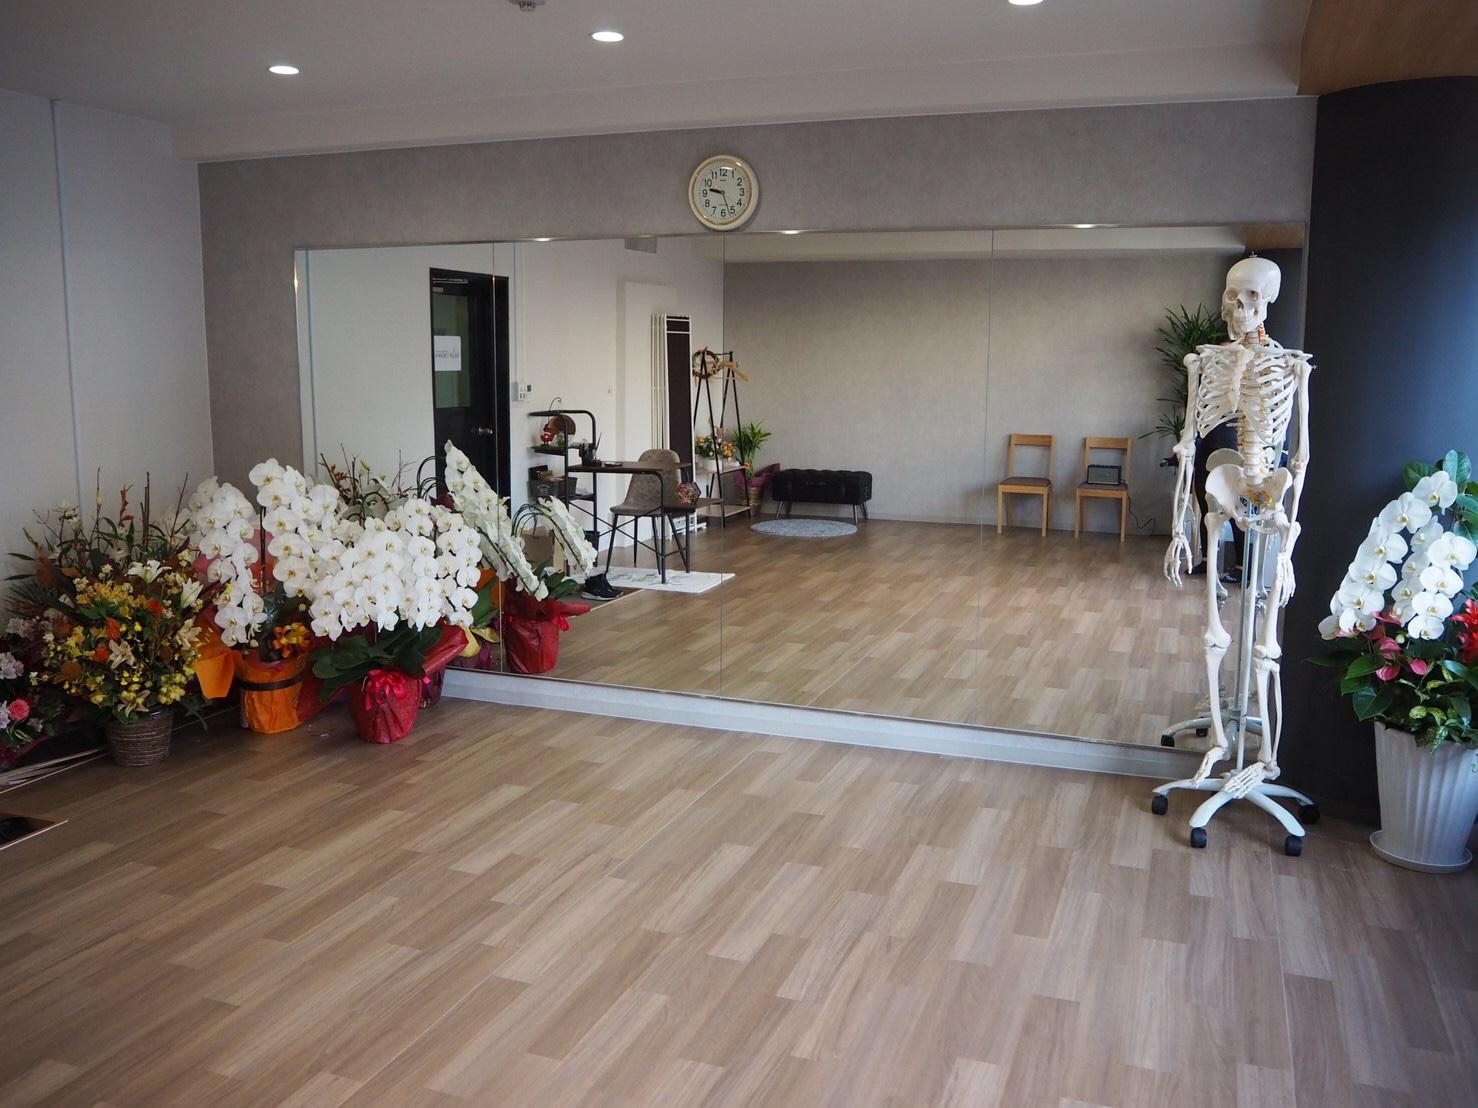 壁一面は鏡貼りで、動きやフォームもしっかりチェックできます。 - トレーニングスタジオクラウン レンタルスタジオの室内の写真